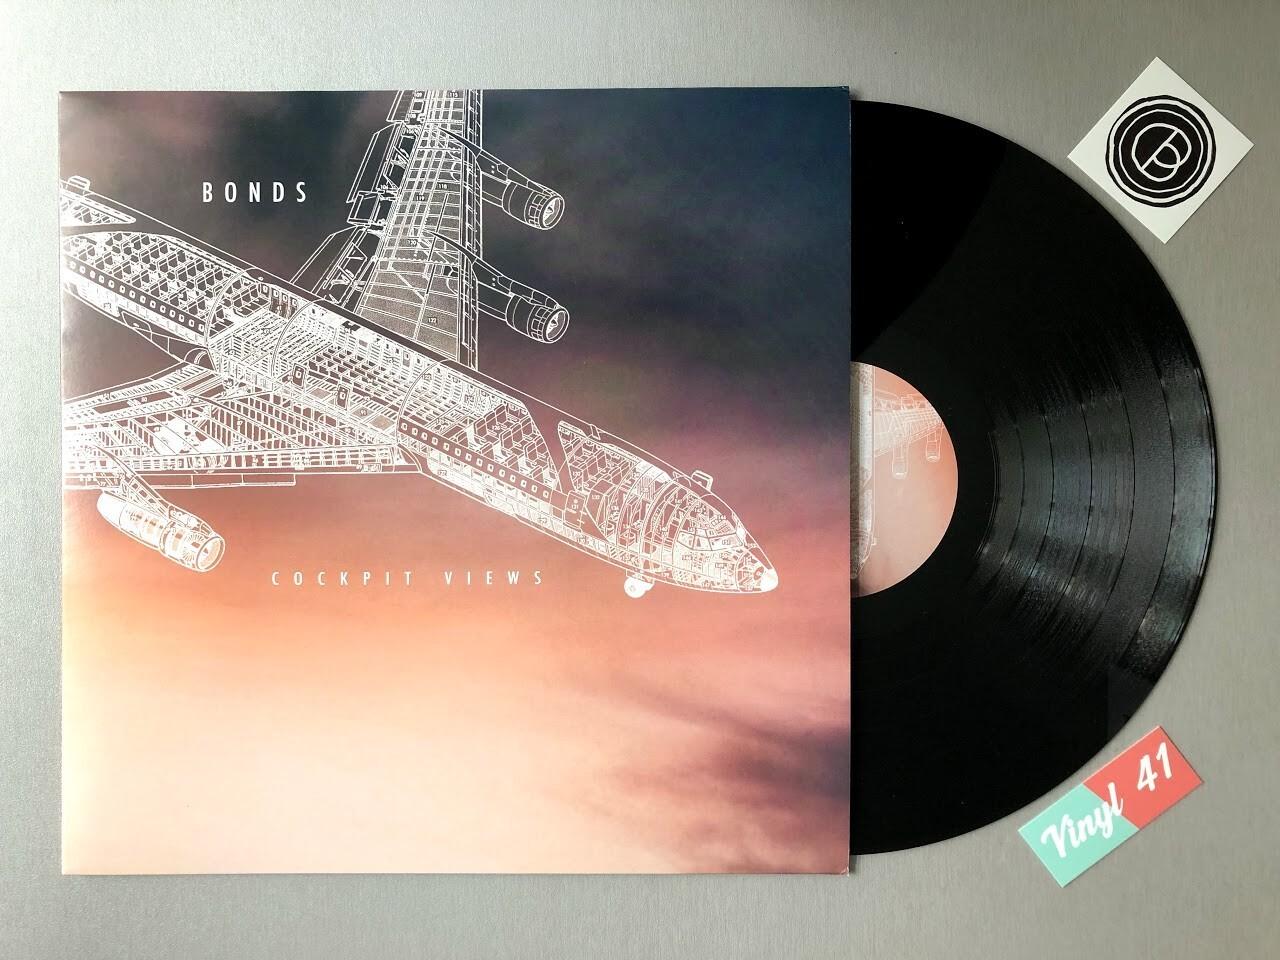 b0nds - Cockpit Views (Dezi-Belle Records)